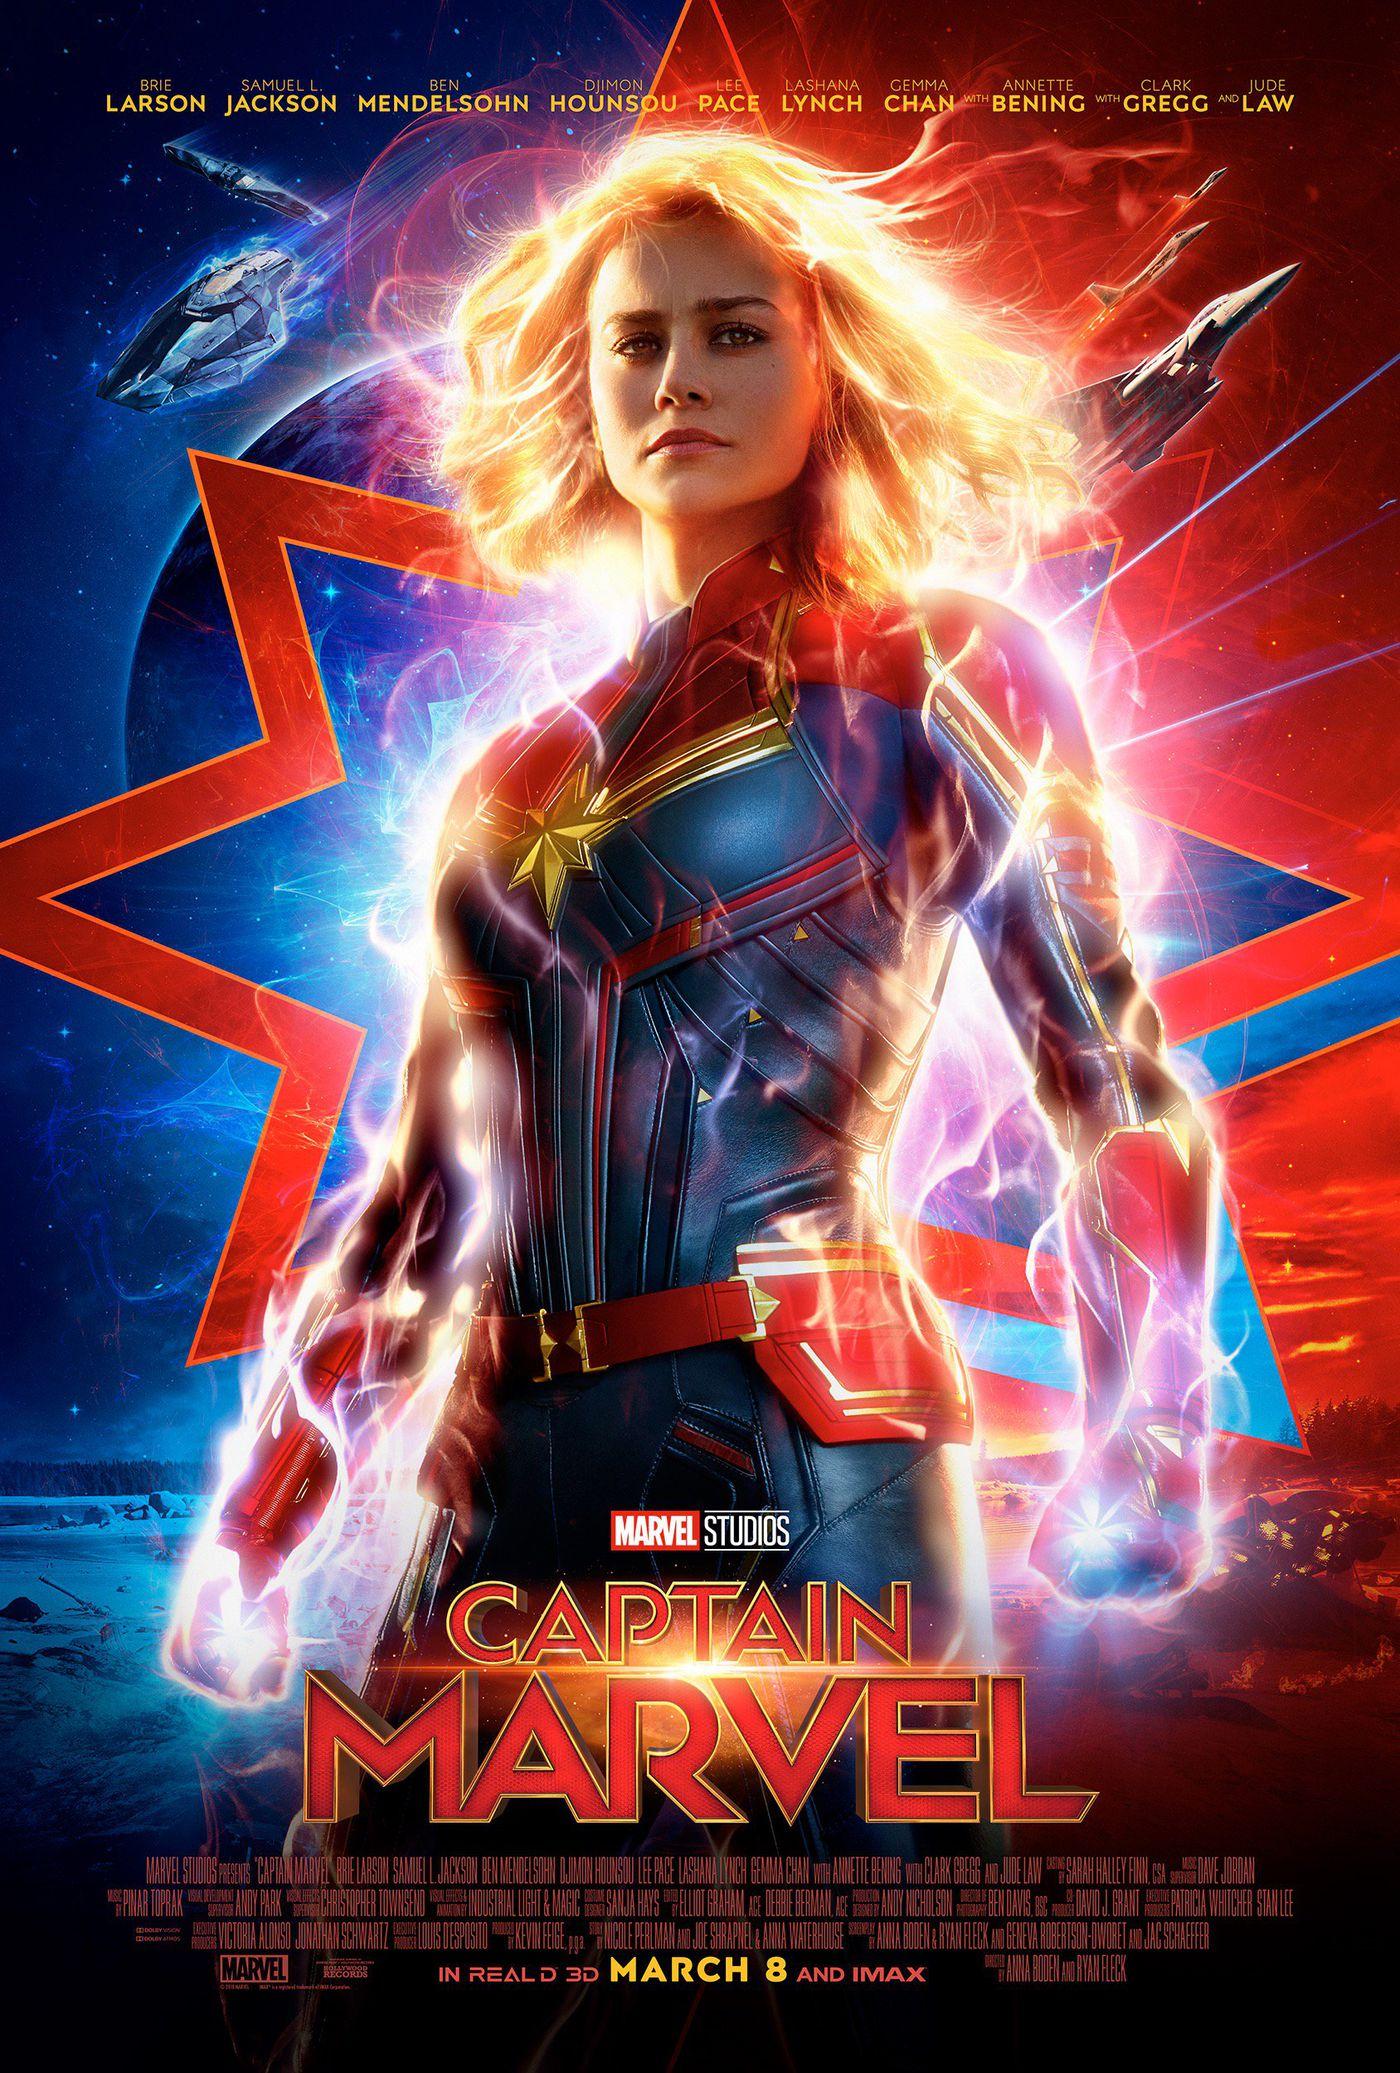 captain marvel poster arrives before new trailer, avengers 4 update